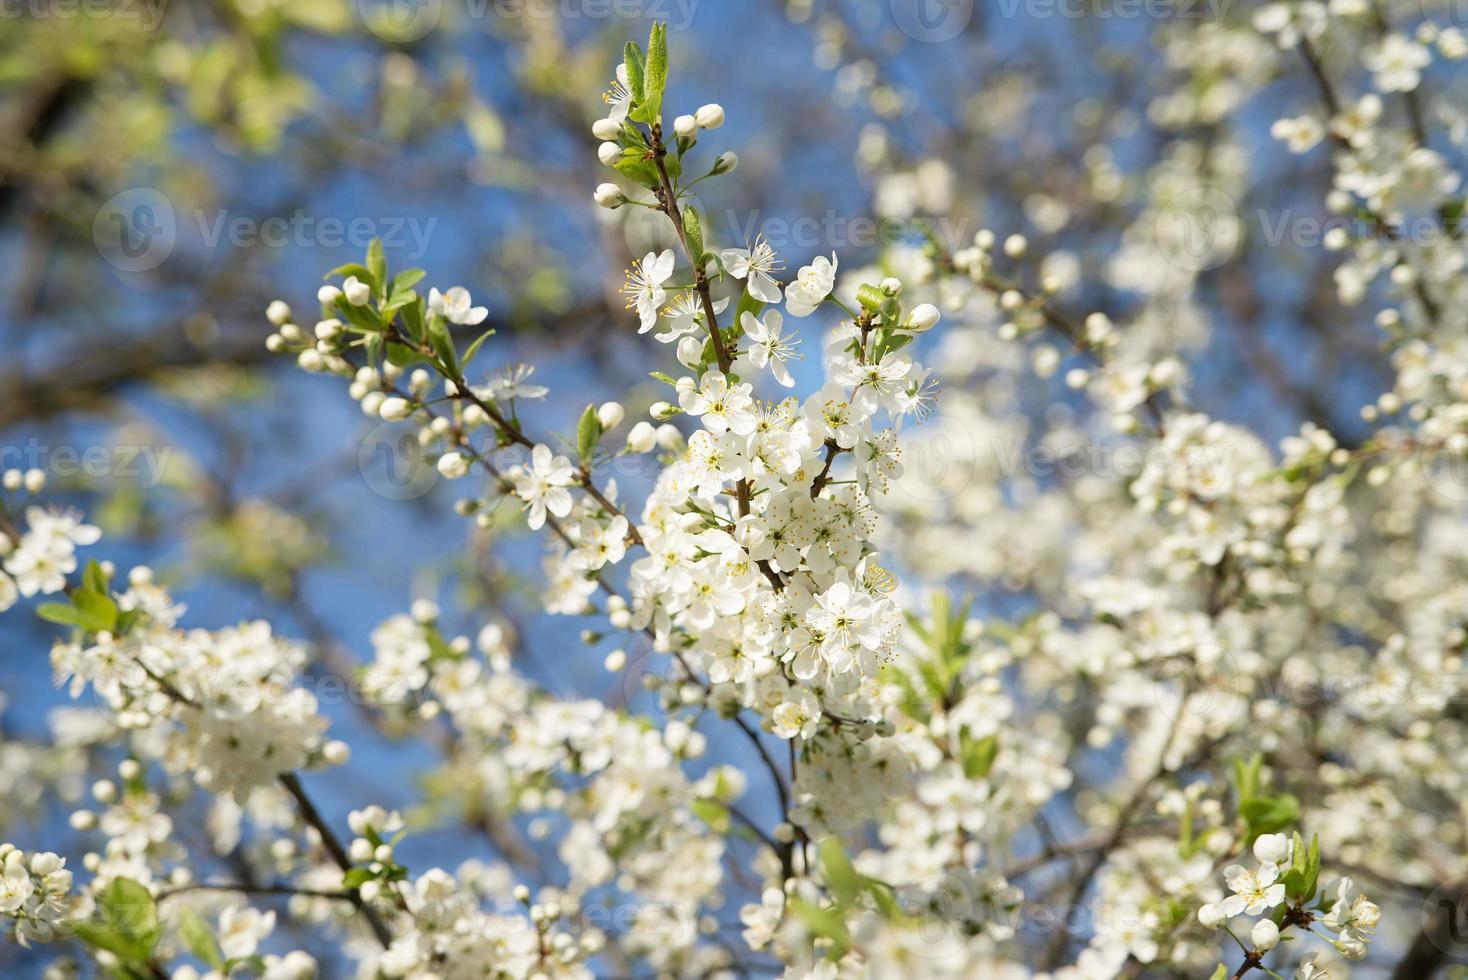 fleur de pommier. journée ensoleillée. ciel bleu photo